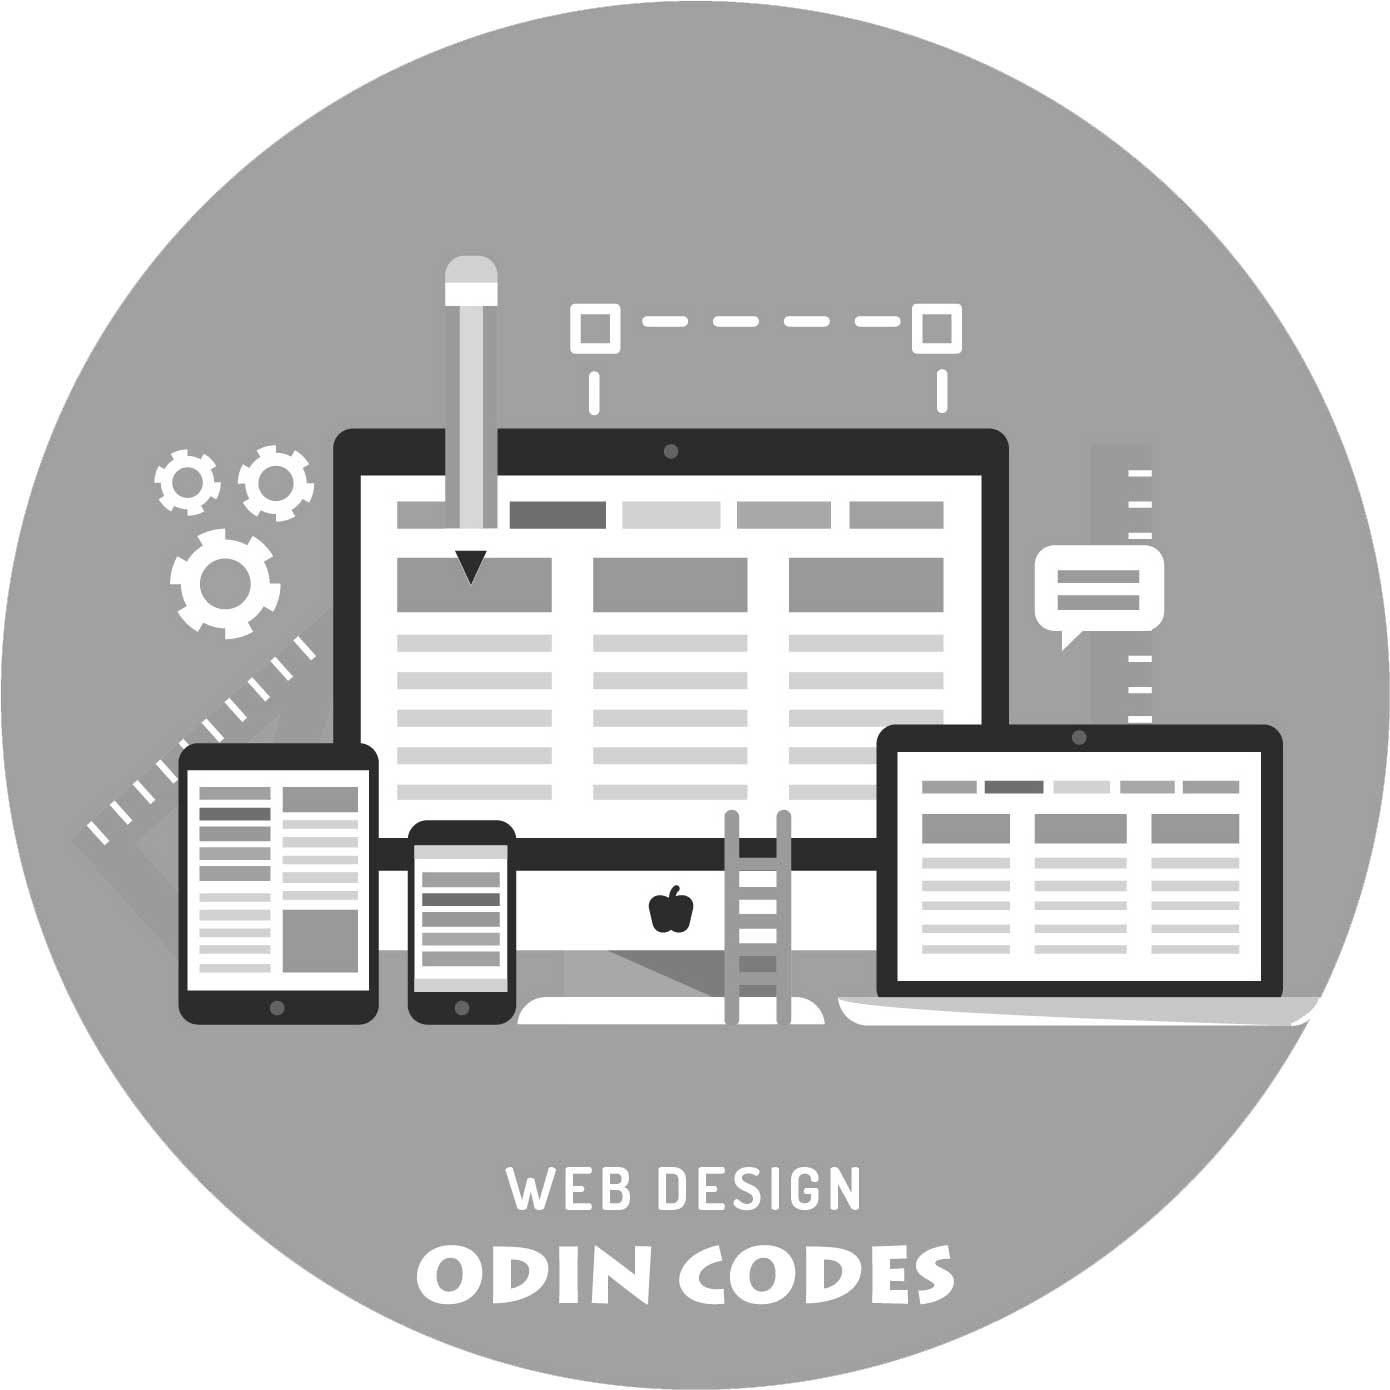 reposive-design-ODINCODES-gray